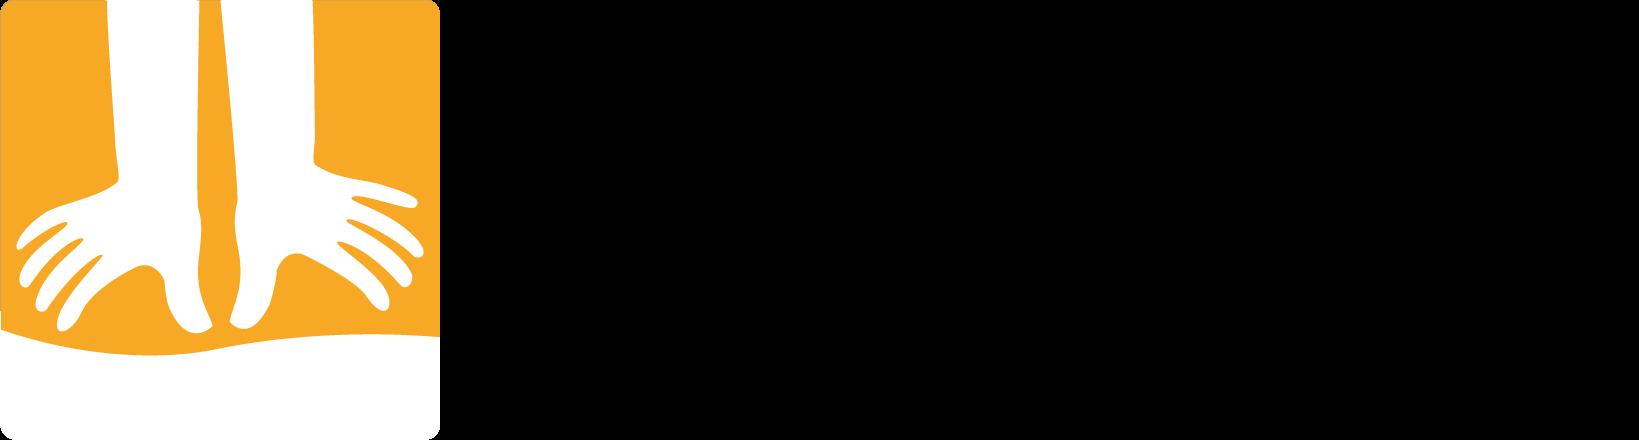 Tsubook Shiatsu